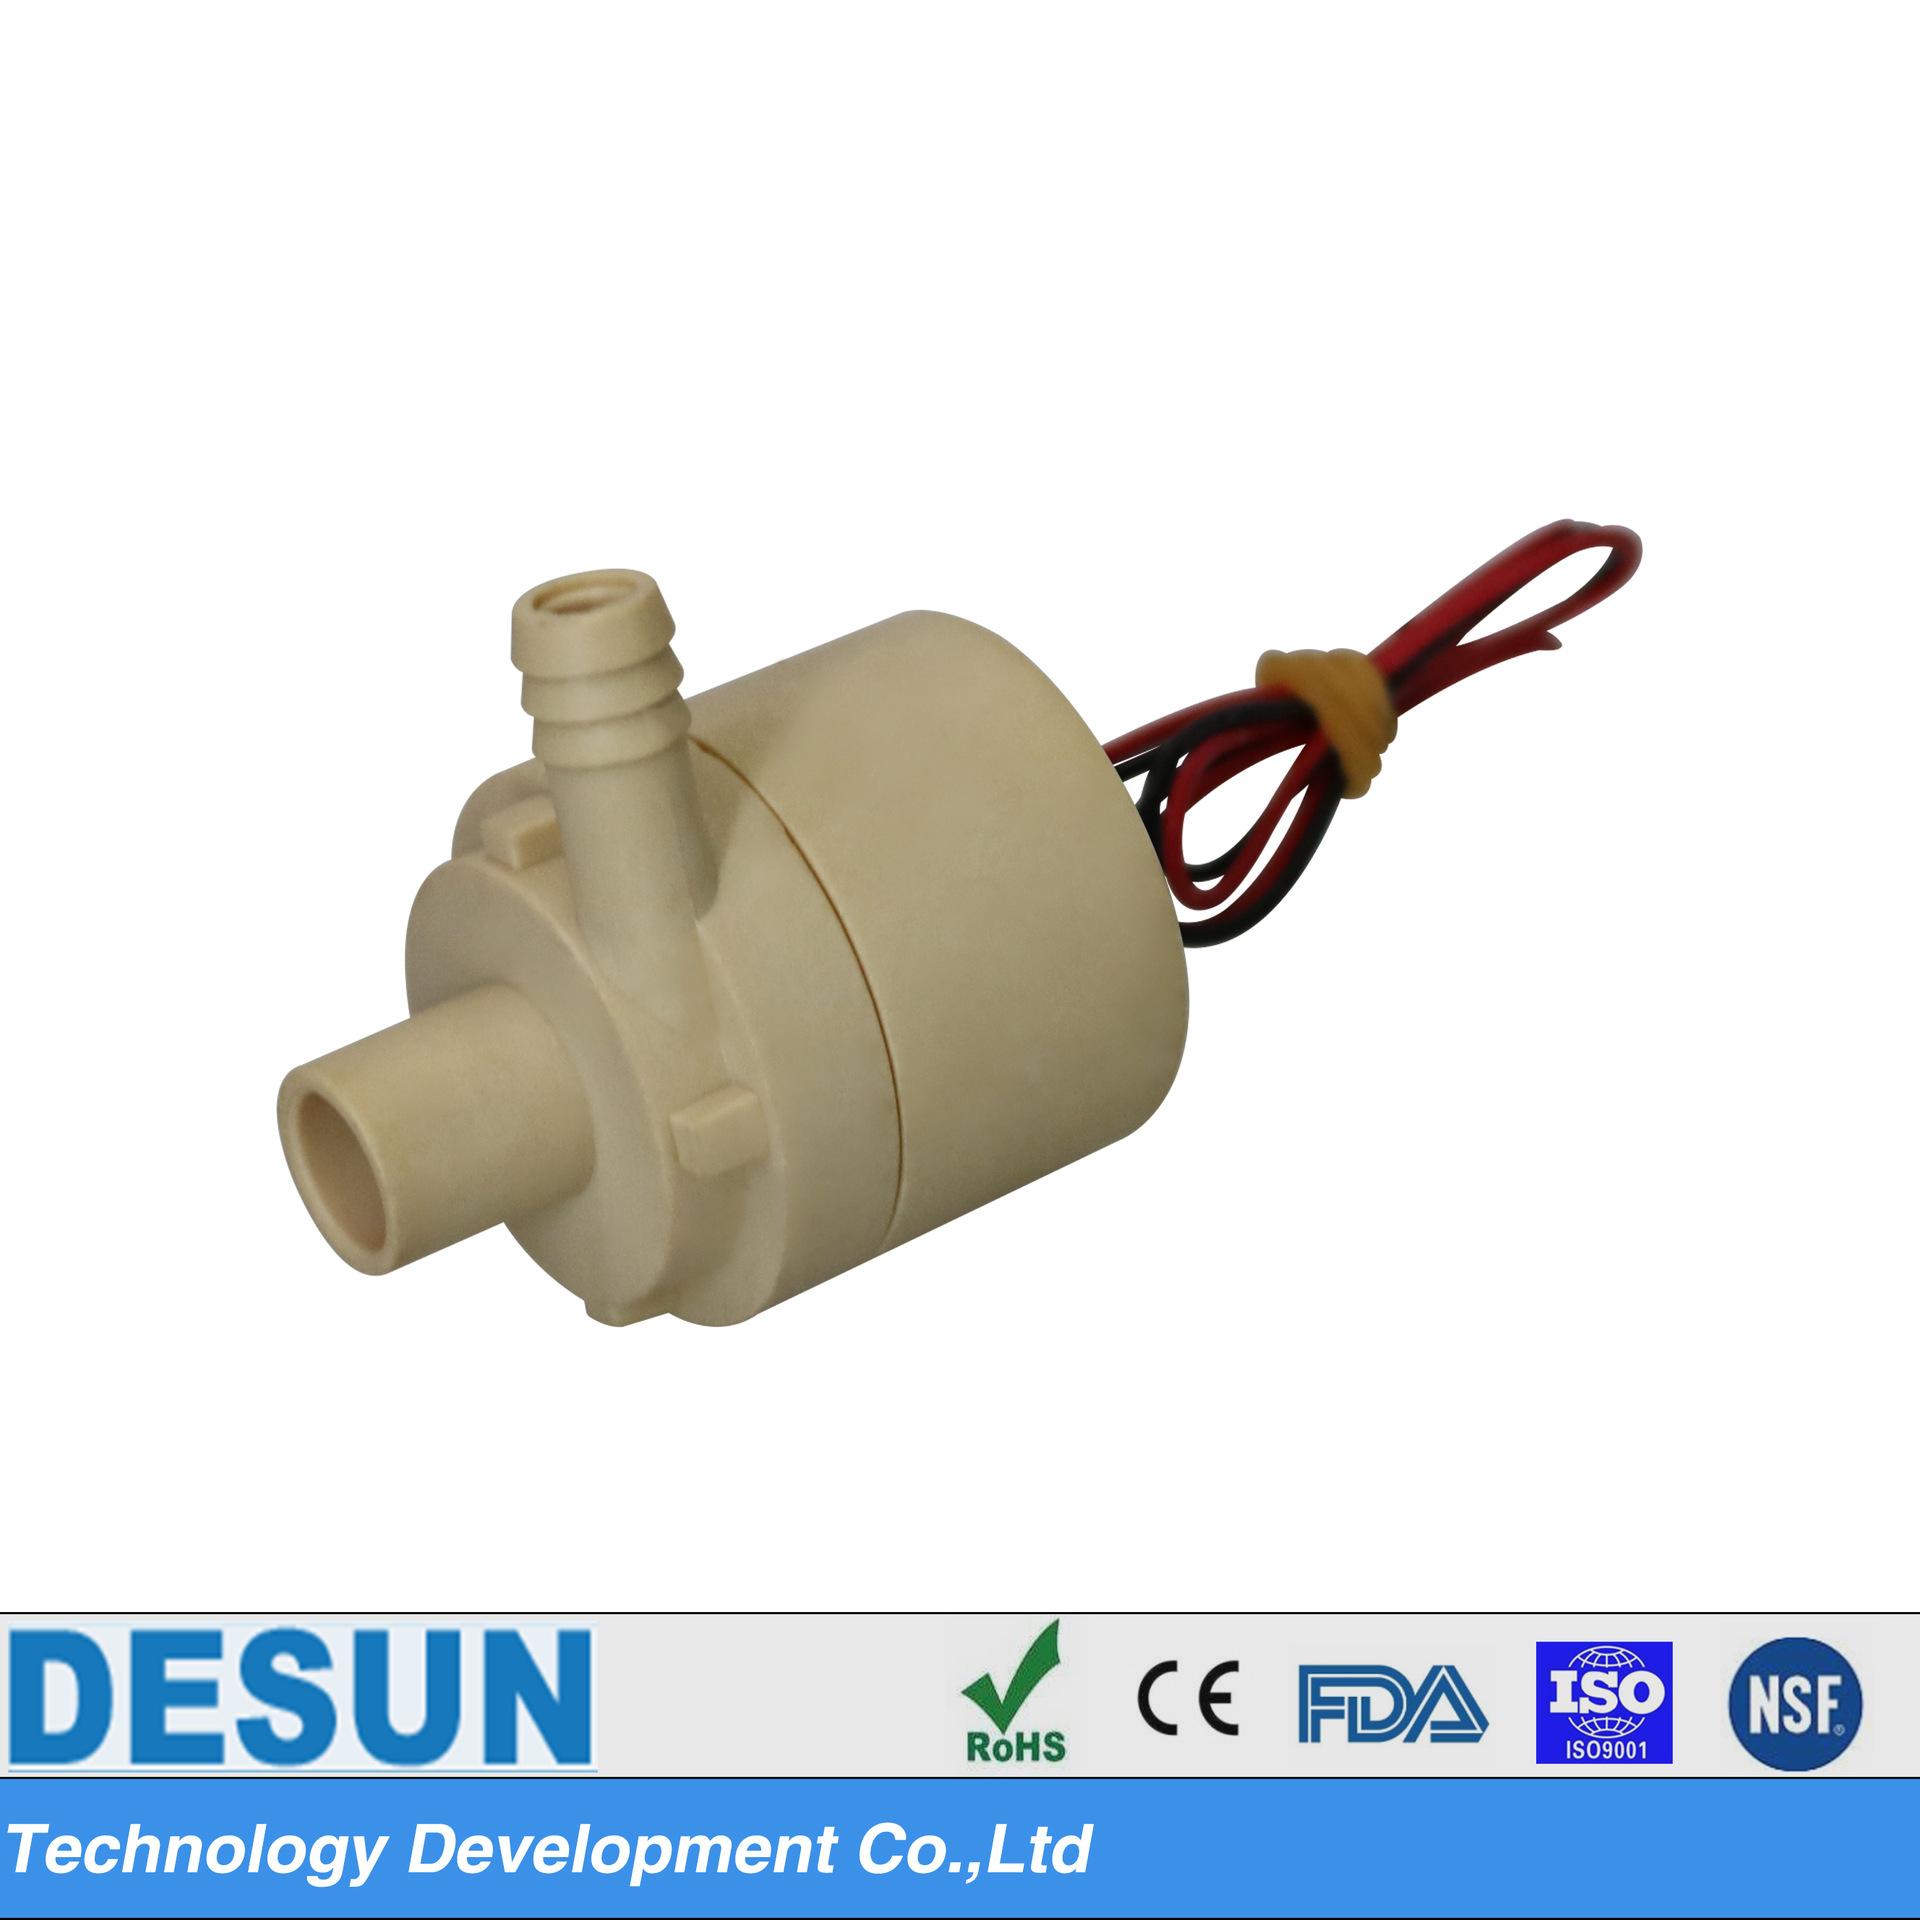 微型食品级医疗器械水泵DS2502HF